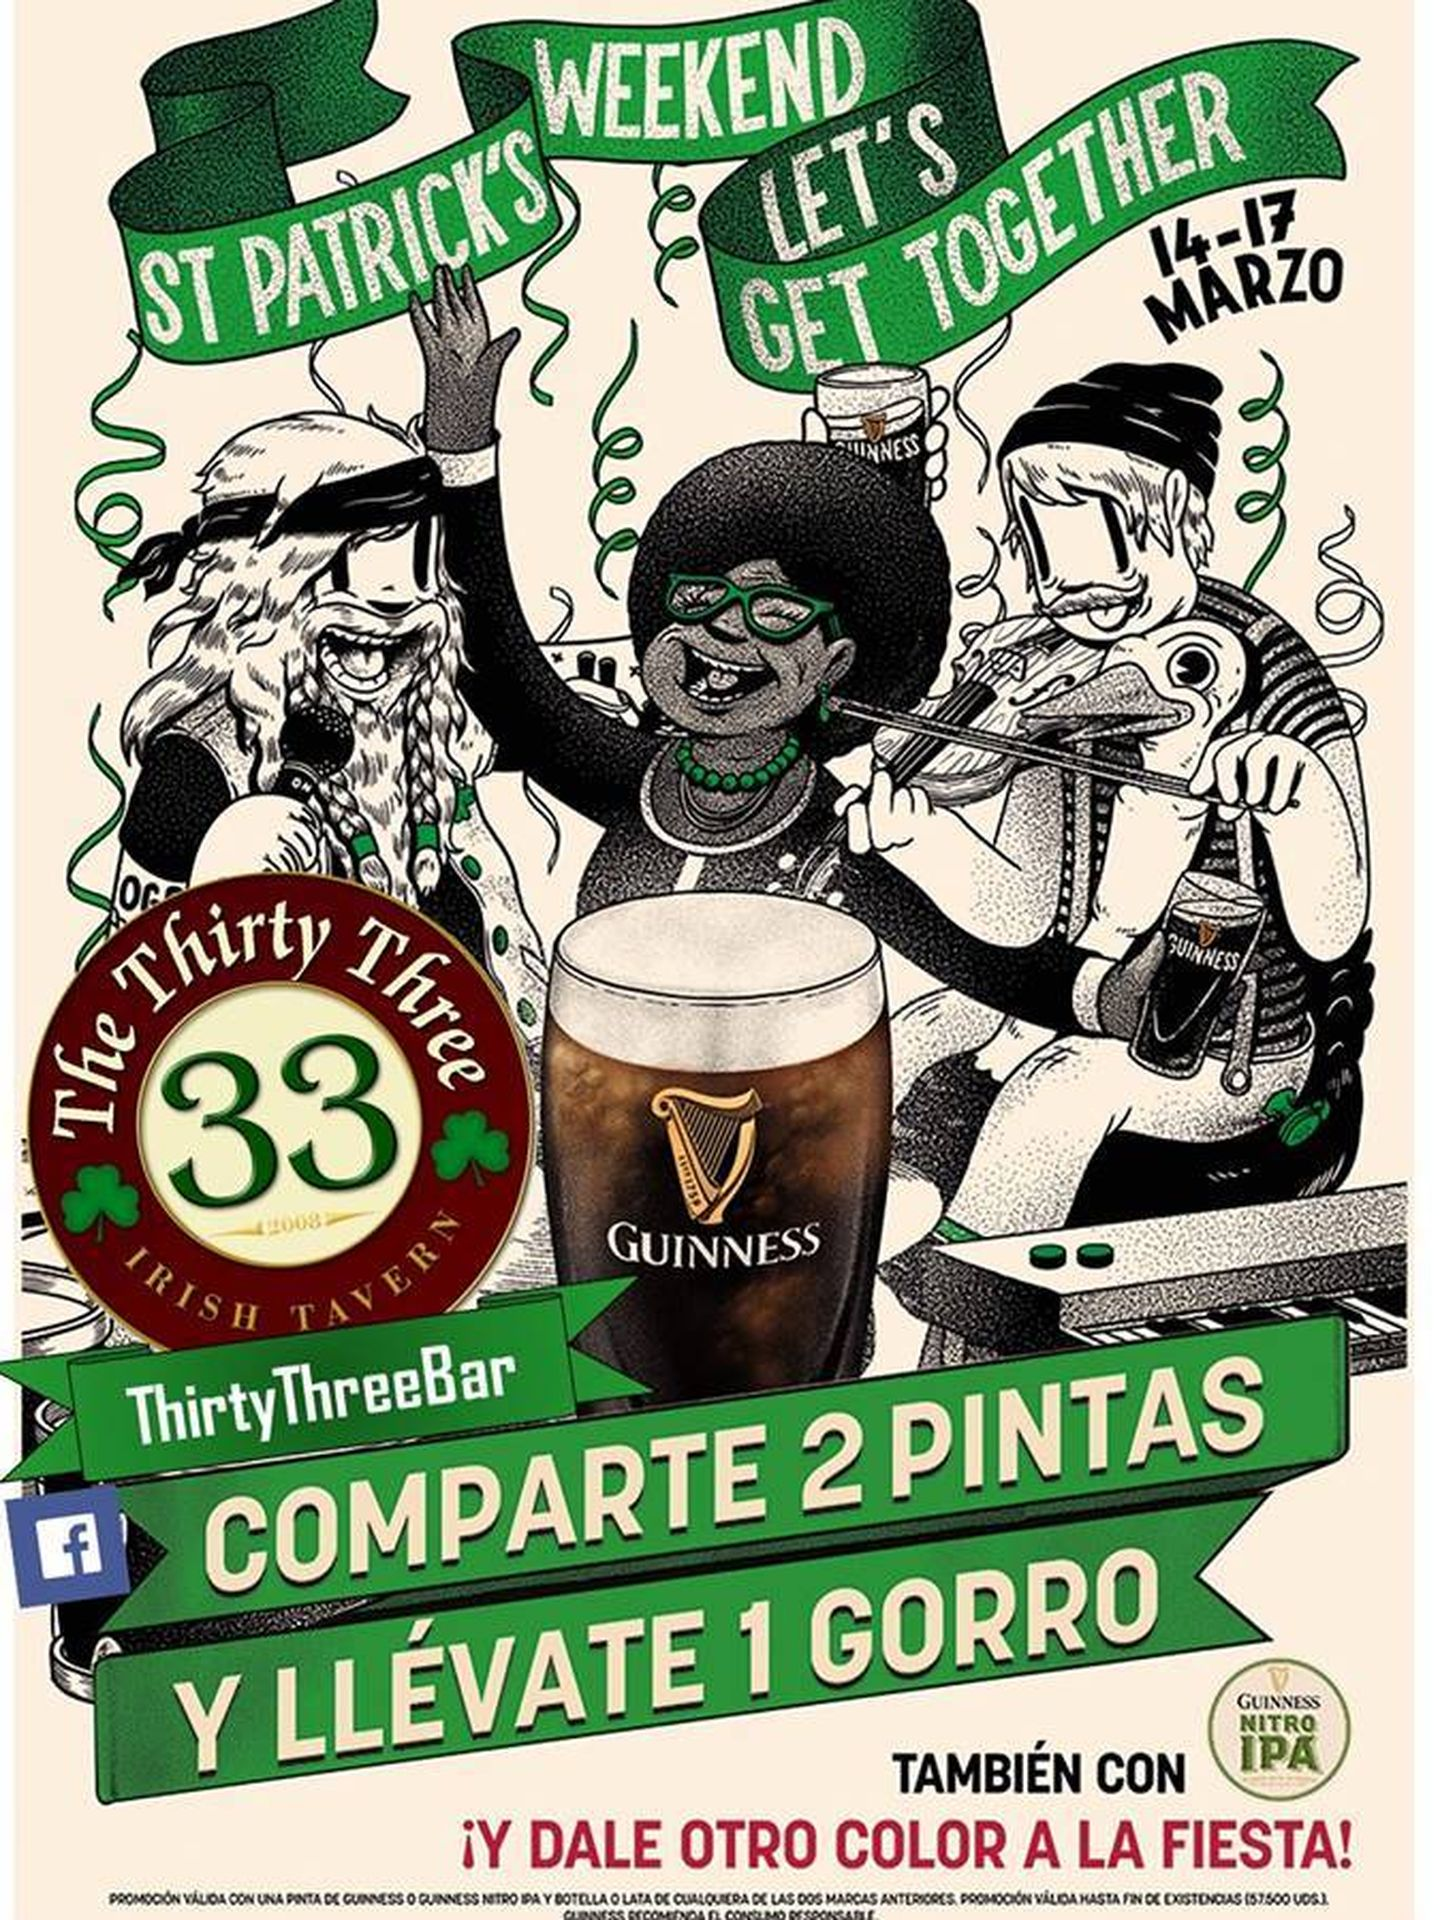 Cartel de San Patricio de The Thirty Three Bar.